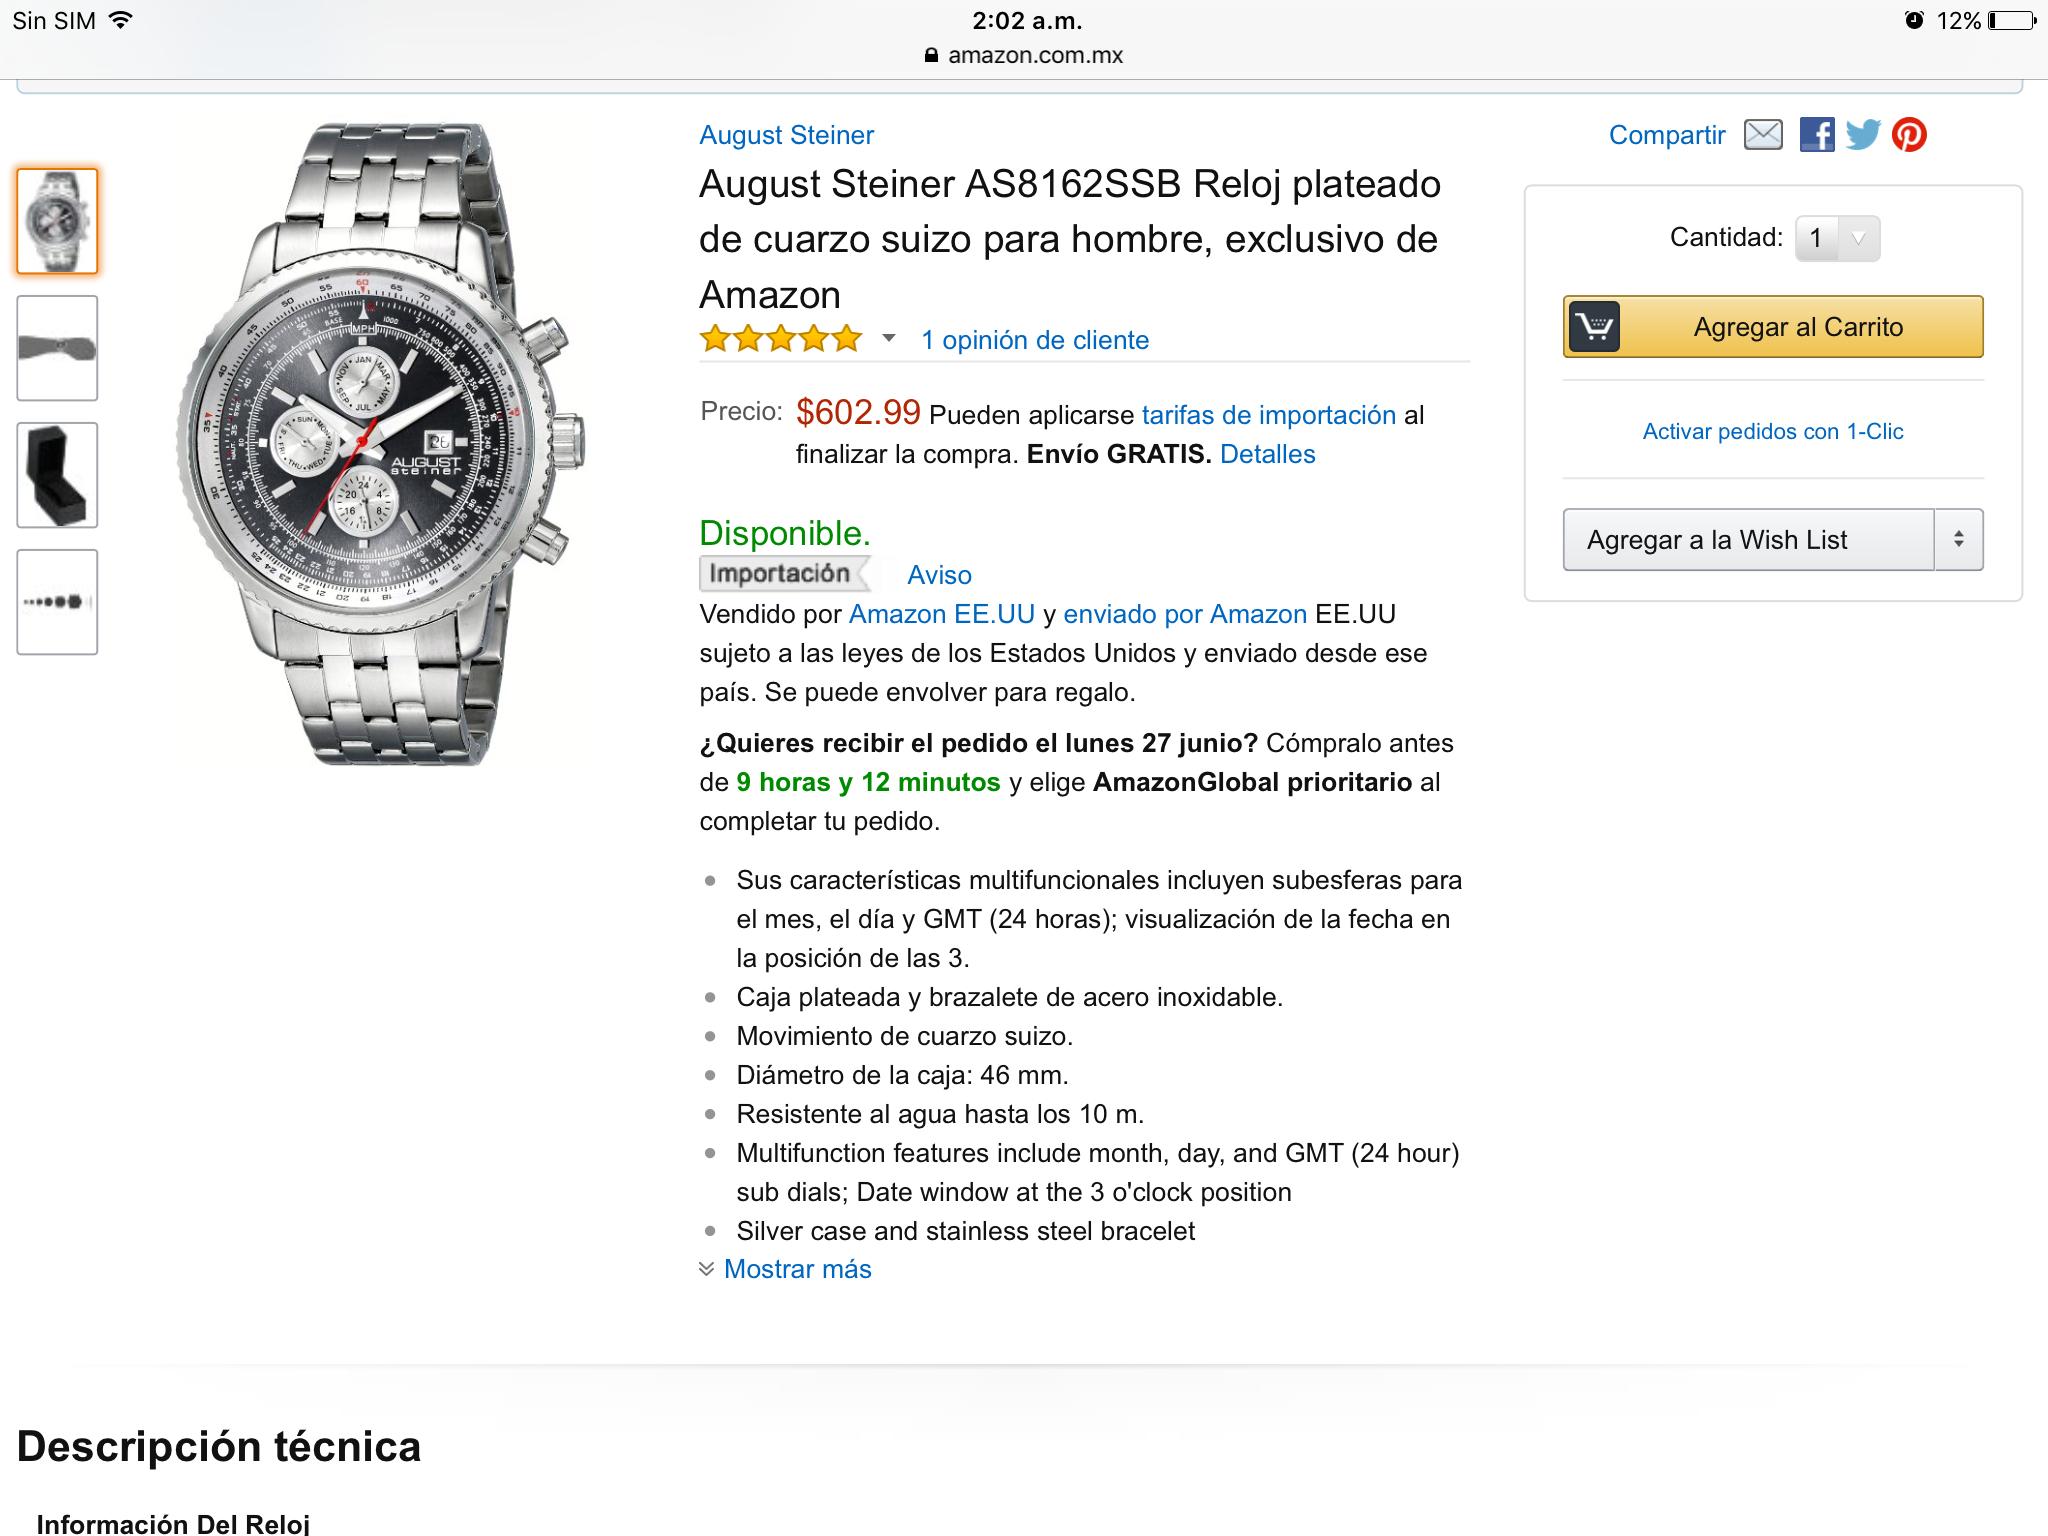 Amazon: August Steiner AS8162SSB Reloj plateado de cuarzo suizo para hombre